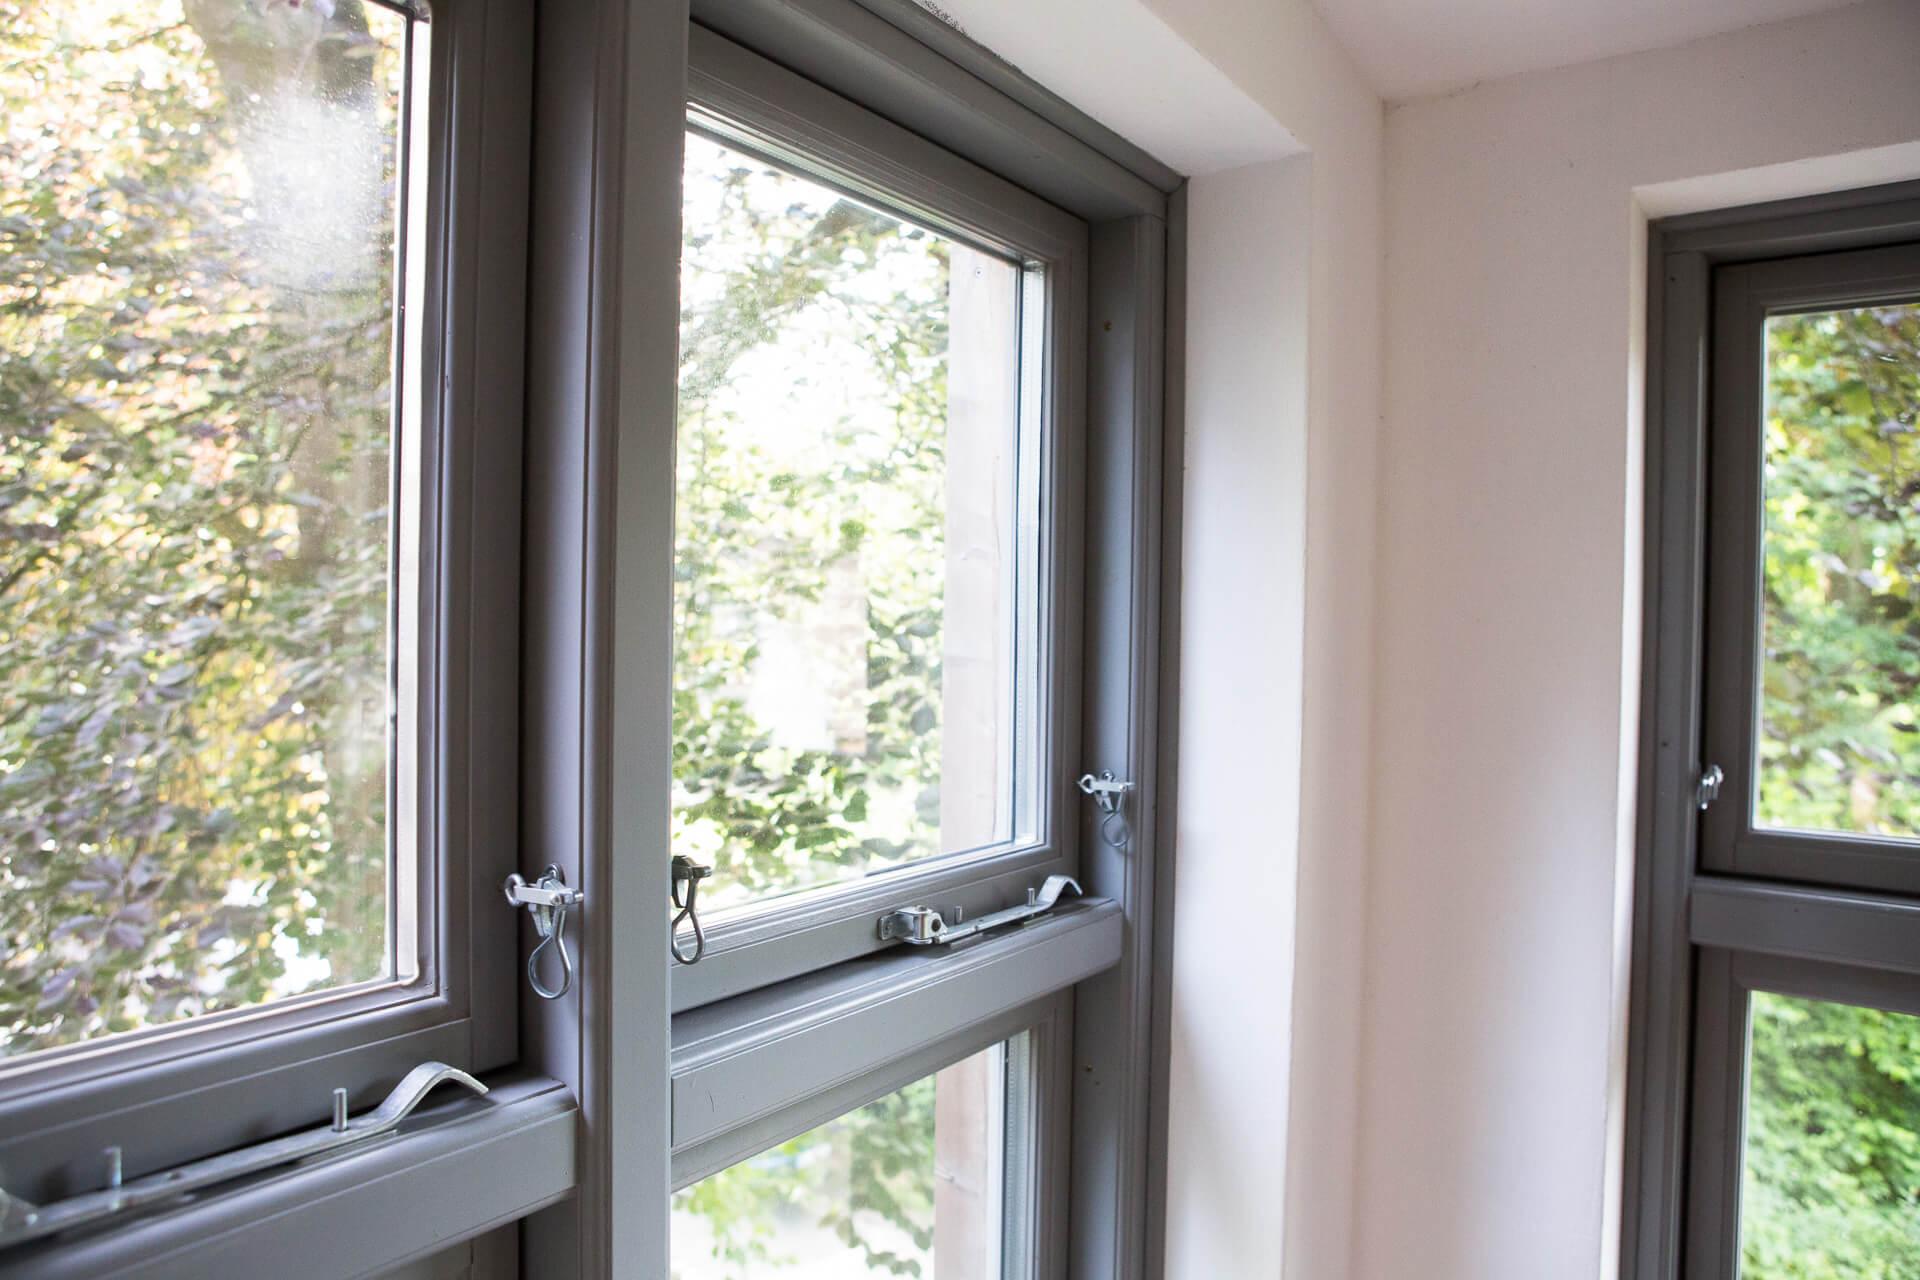 Foto Ryan Baugestaltung Anbau Volksdorf Innenansicht moderne Fenster mit Metallverschluessen